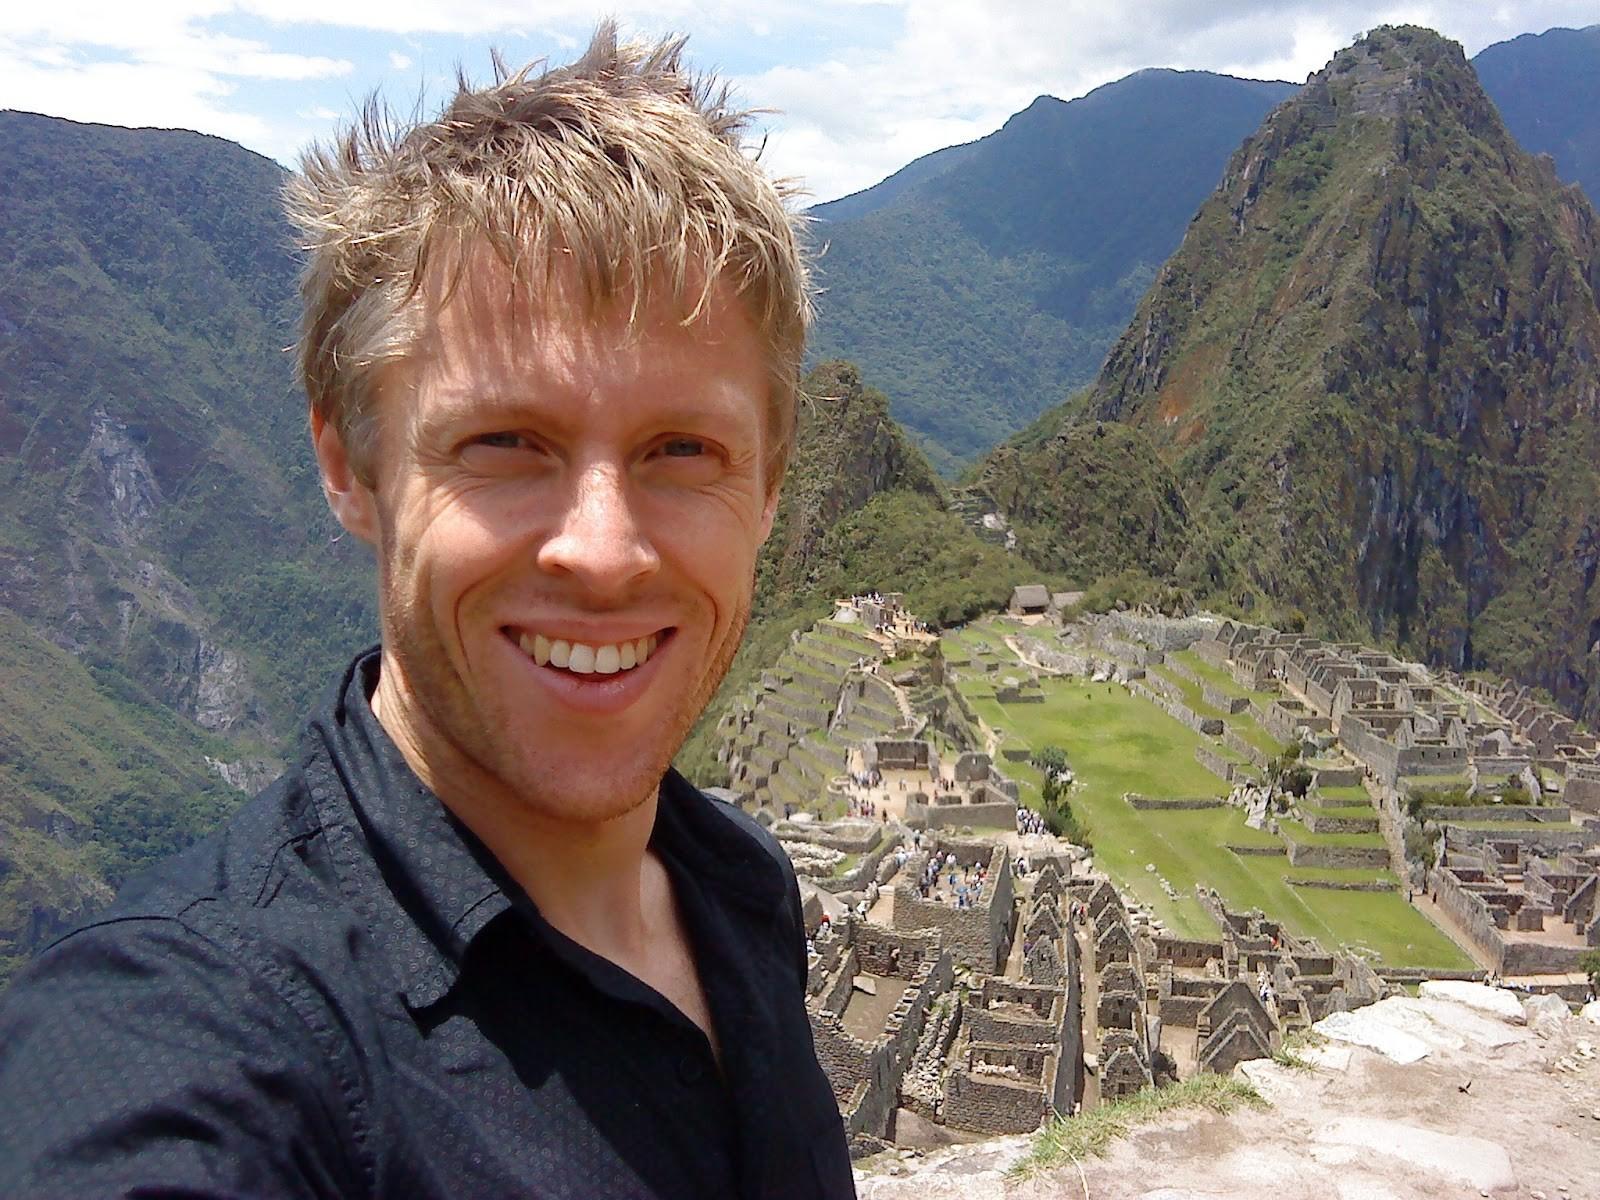 Gunnar Garfors em Machu Picchu, no Peru (Foto: Divulgação)